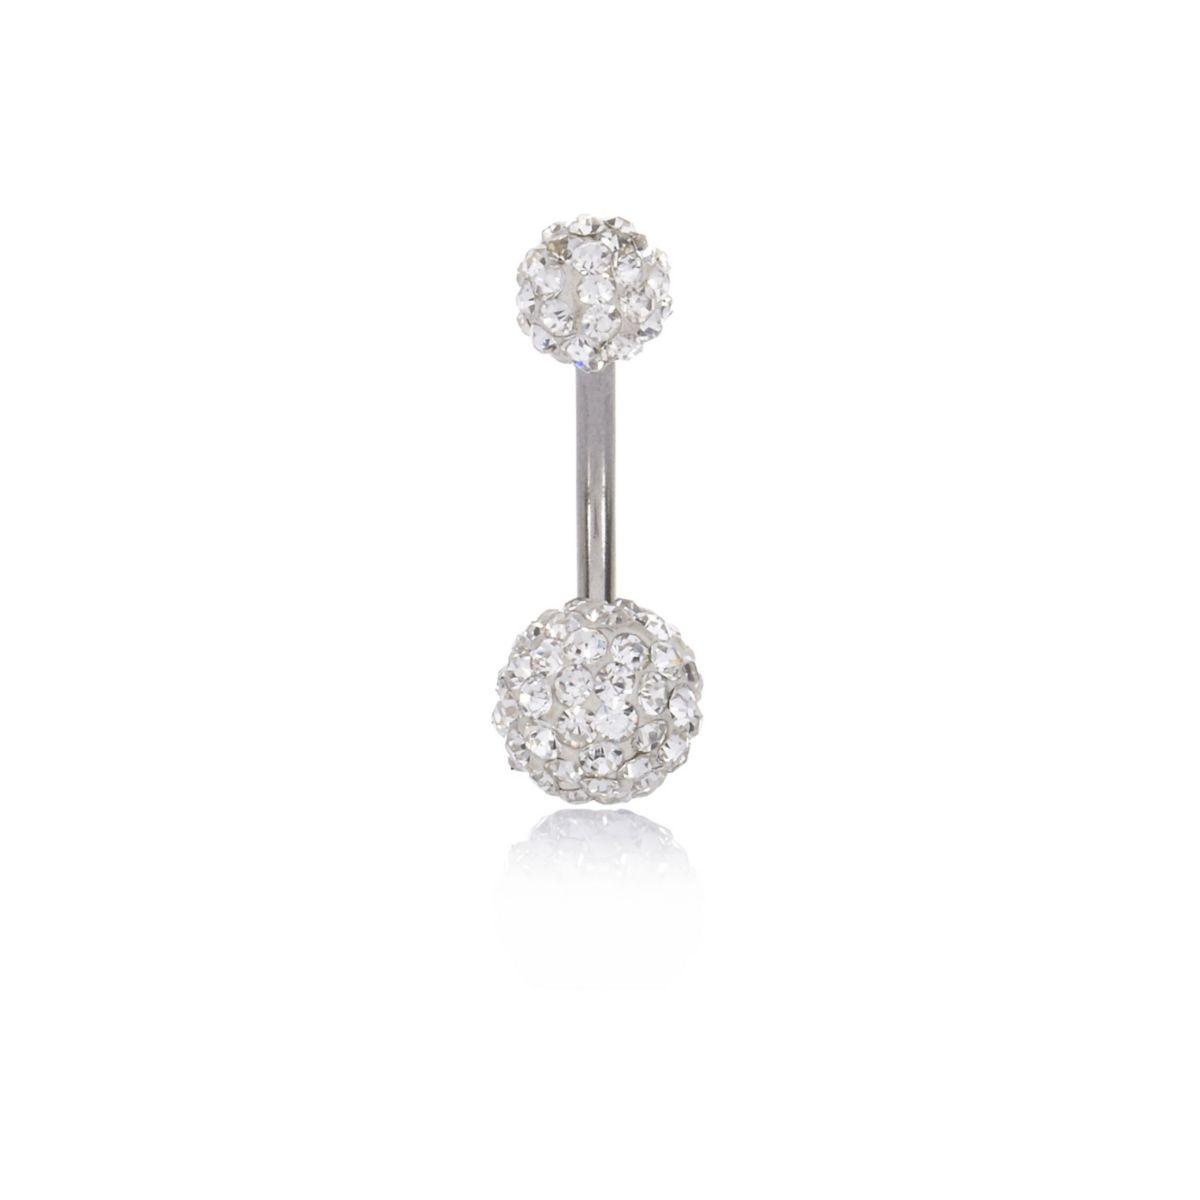 Silver tone diamante ball belly bar